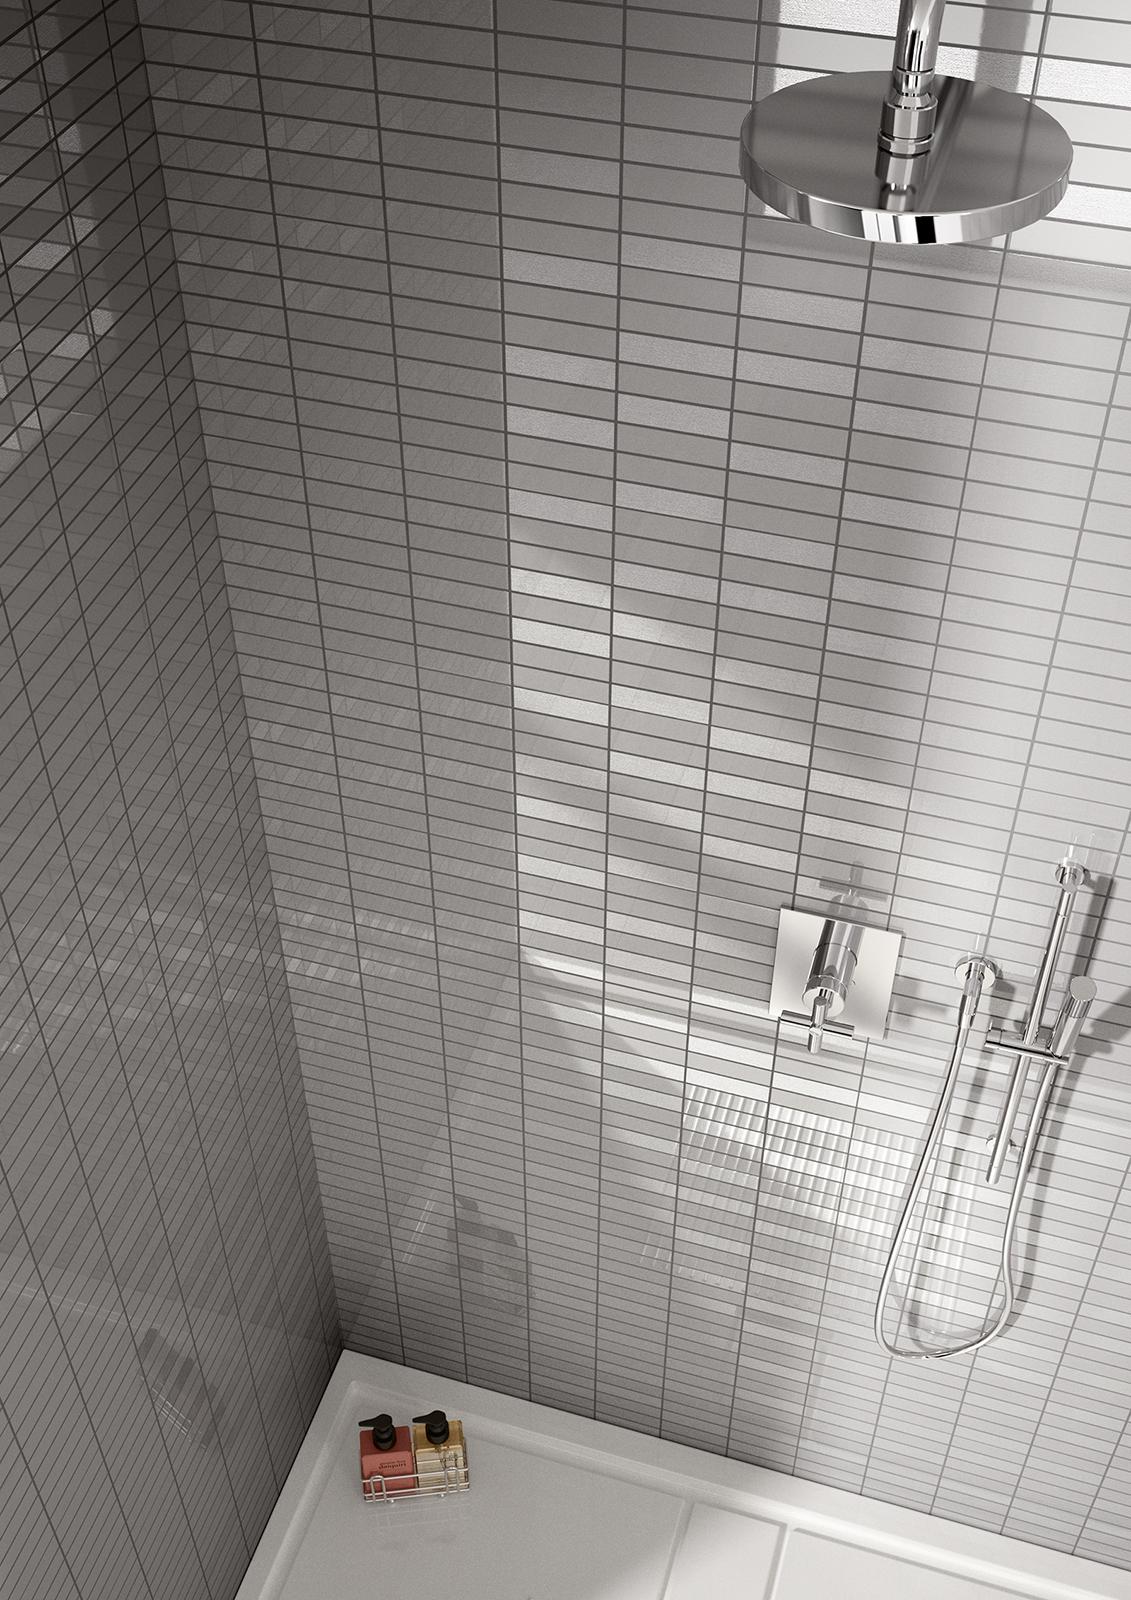 Piastrelle A Mosaico Per Bagno E Altri Ambienti